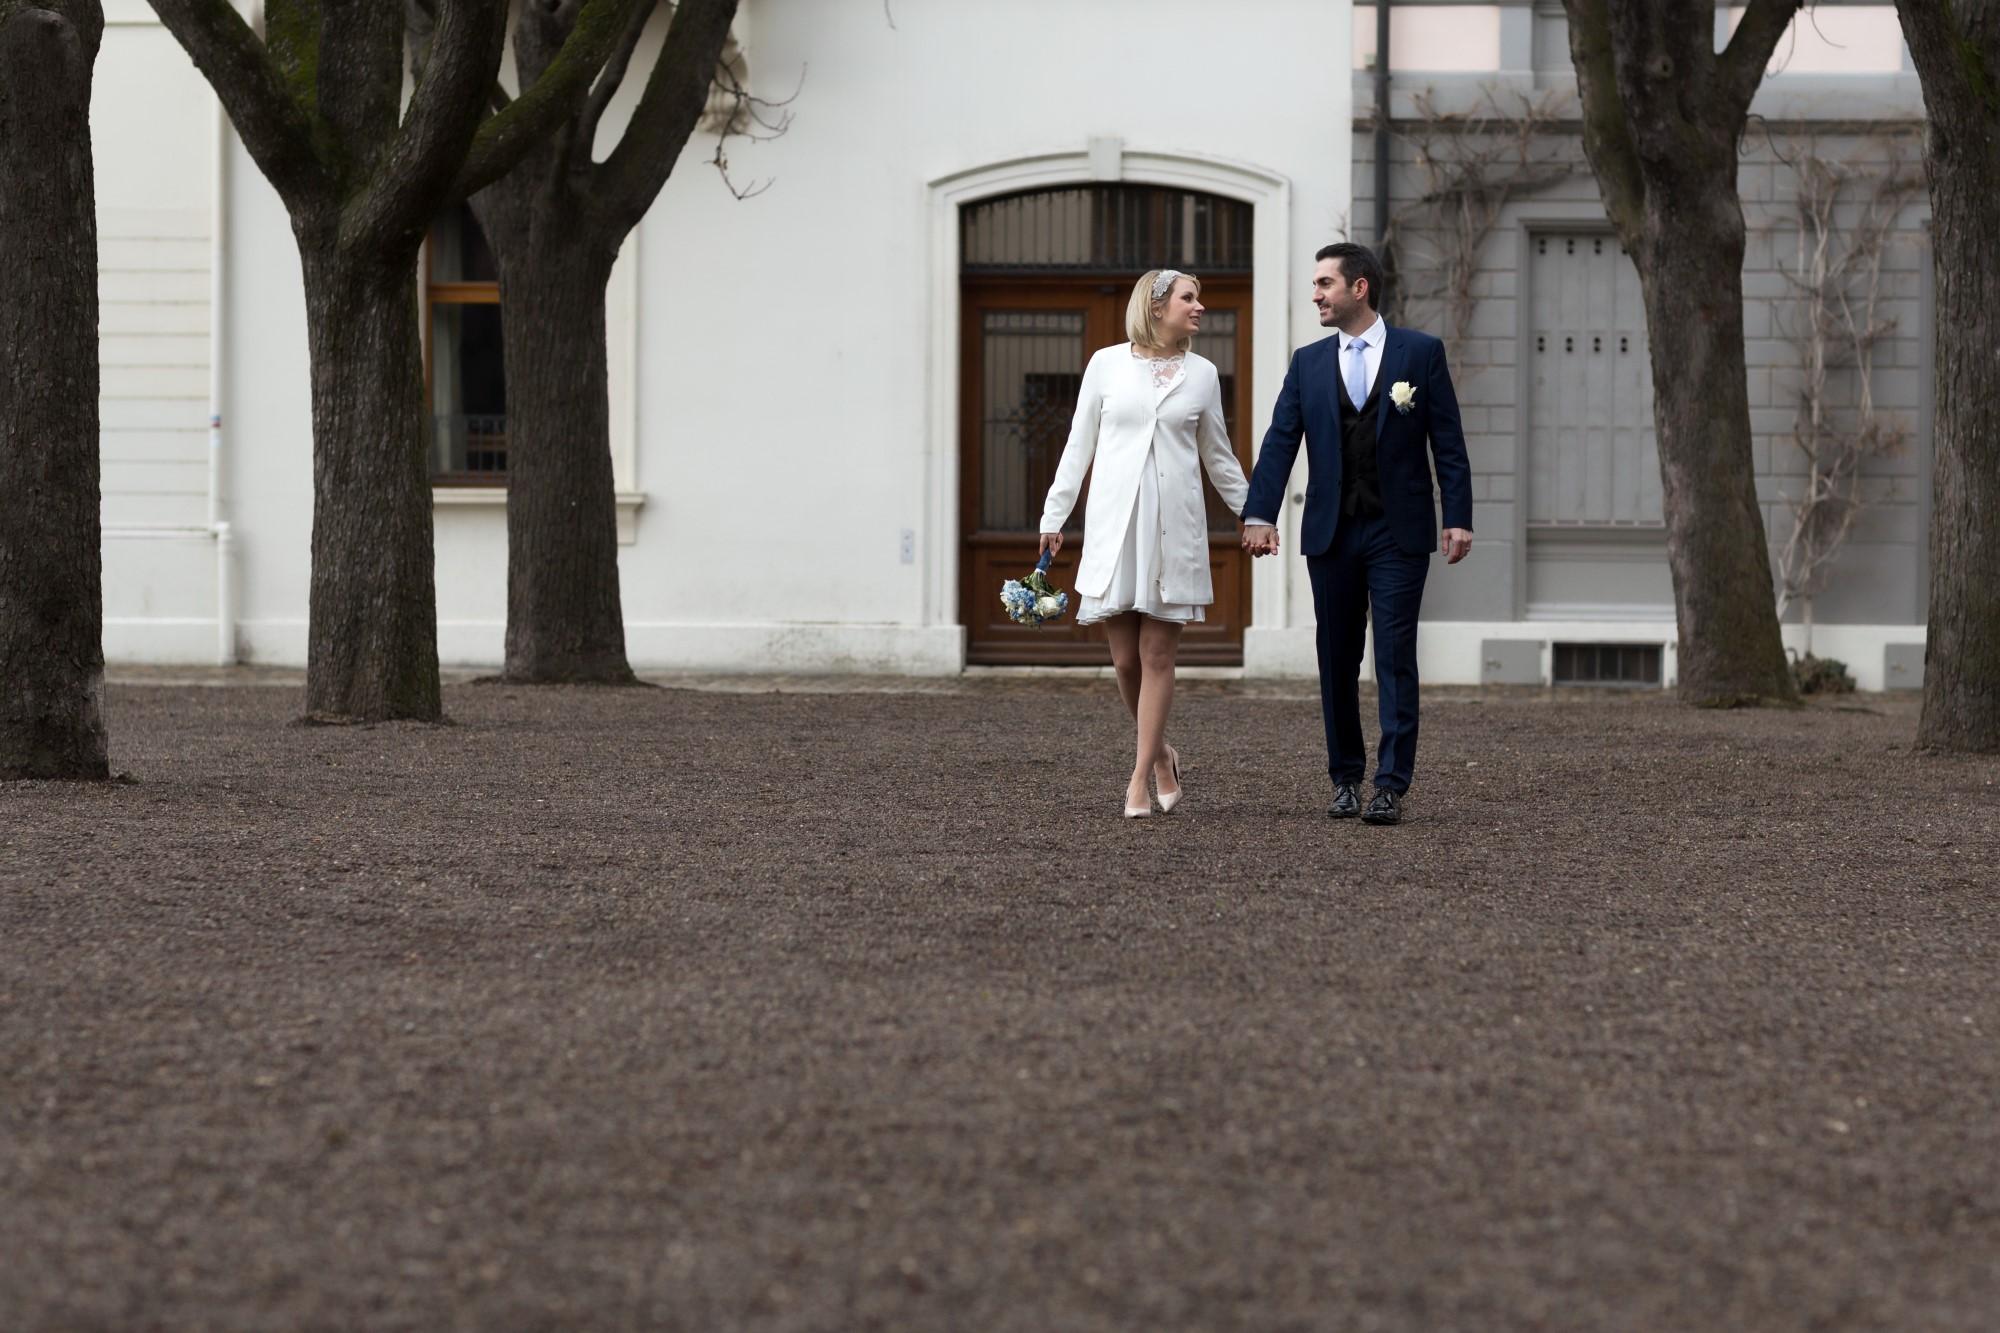 Spaziergang mit dem Brautpaar